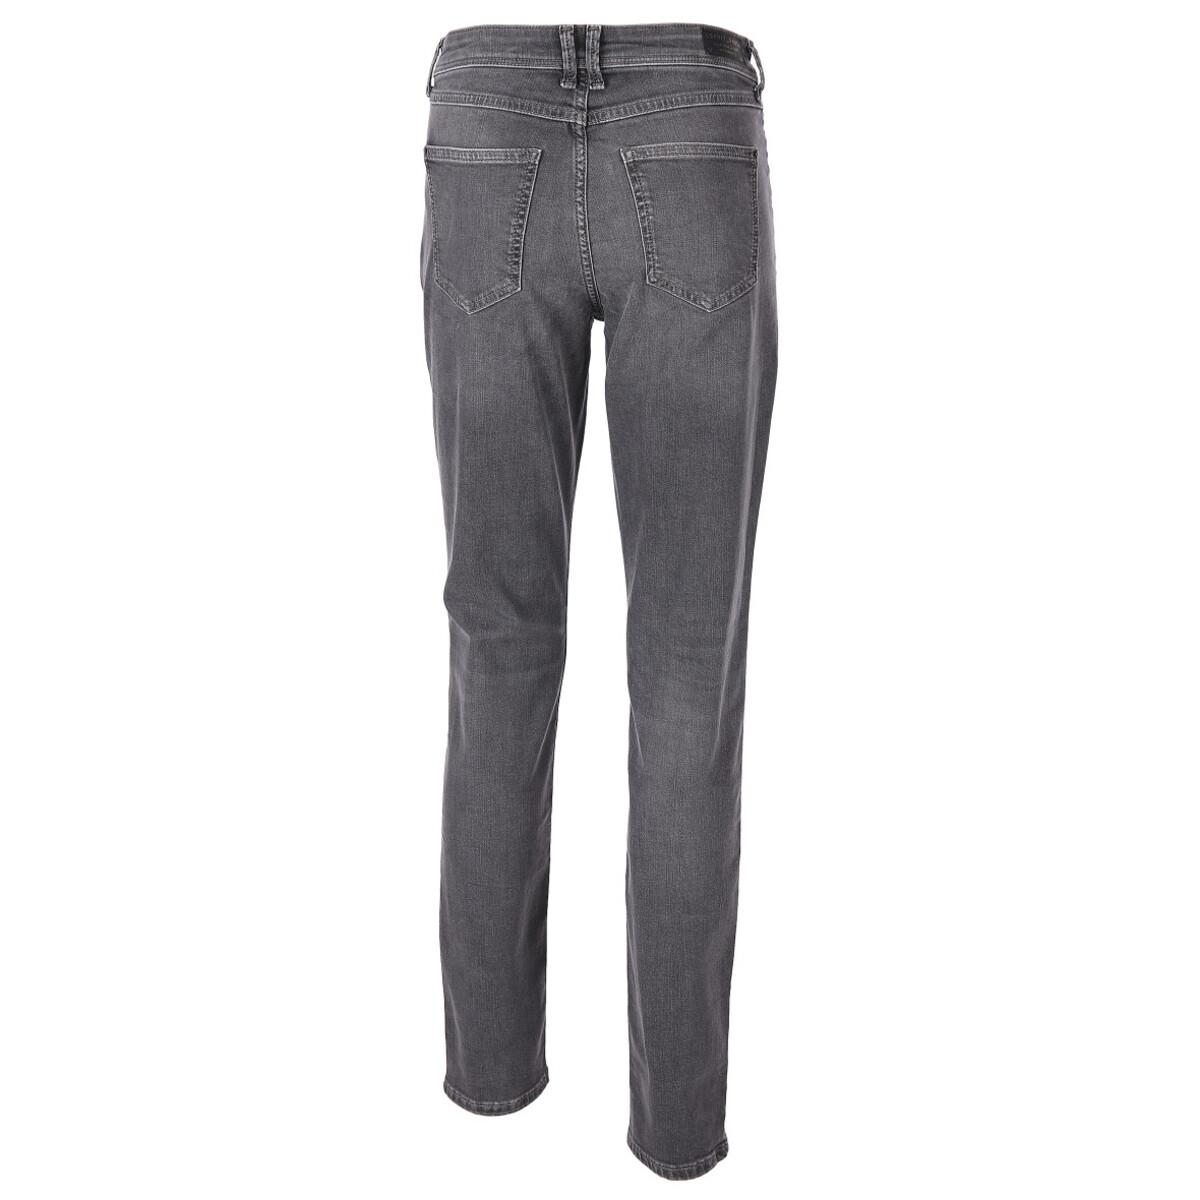 Bild 2 von Damen Jeans im 5-Pocket-Stil